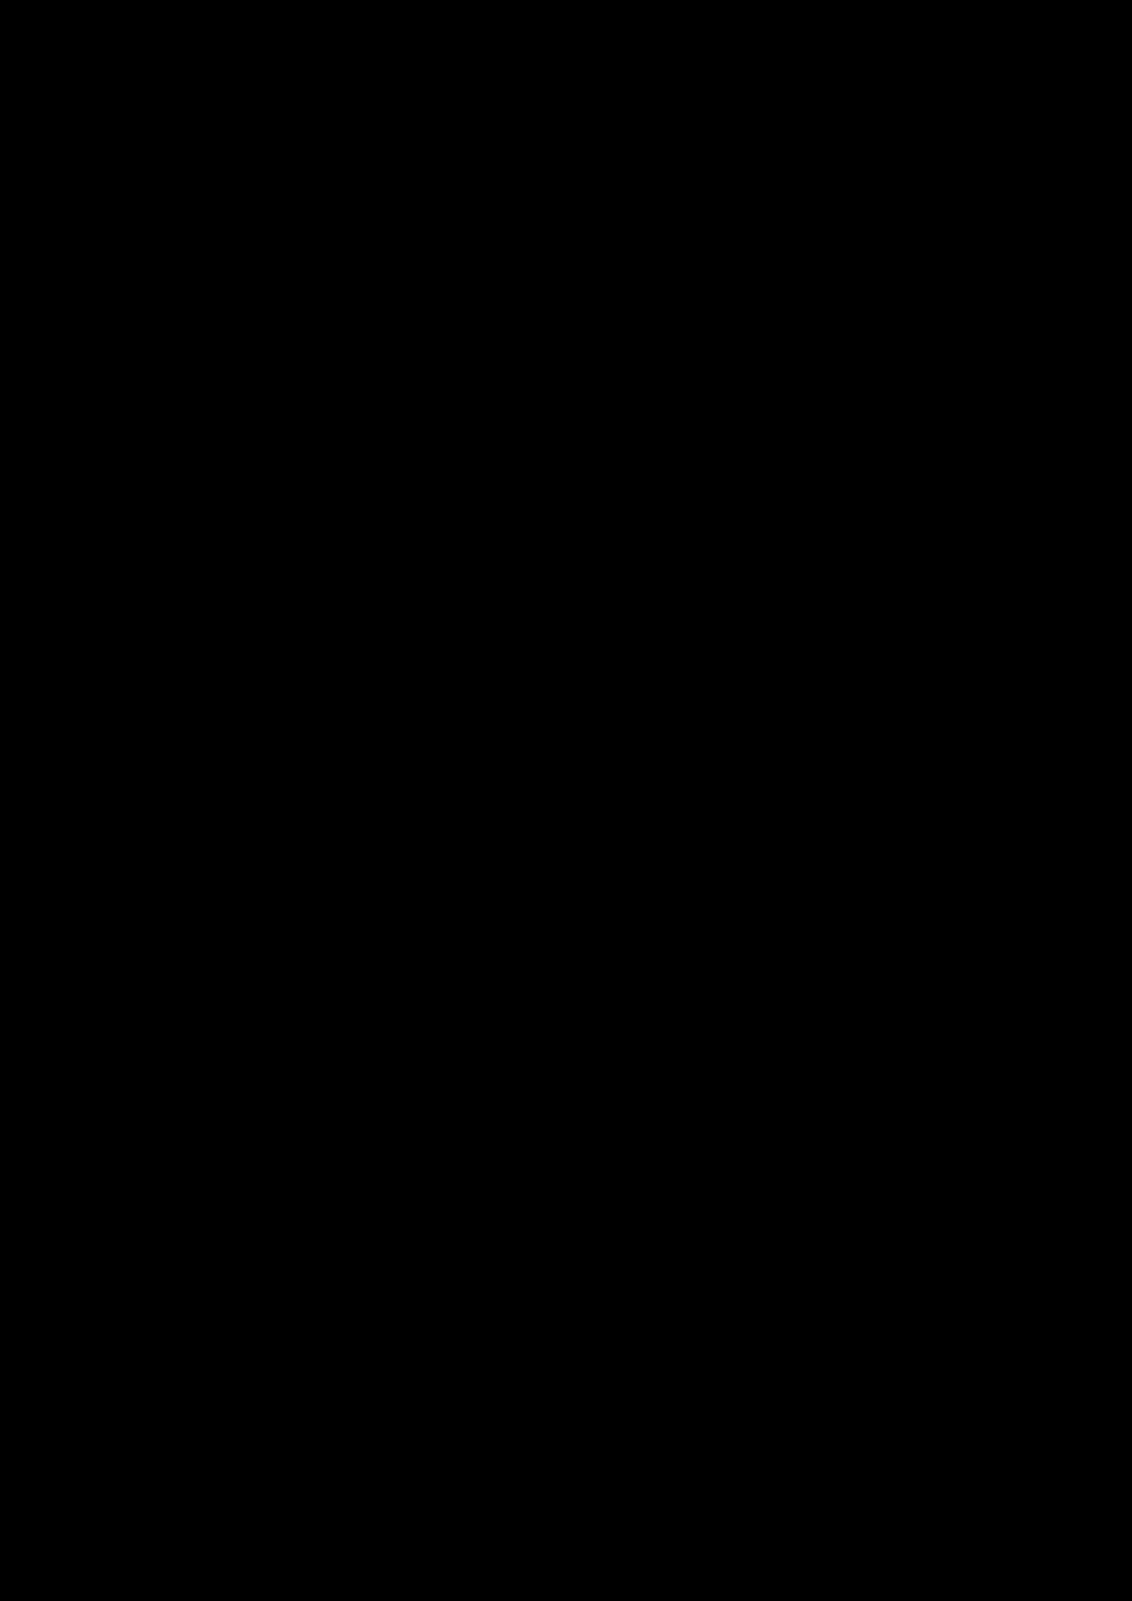 Hools slide, Image 22